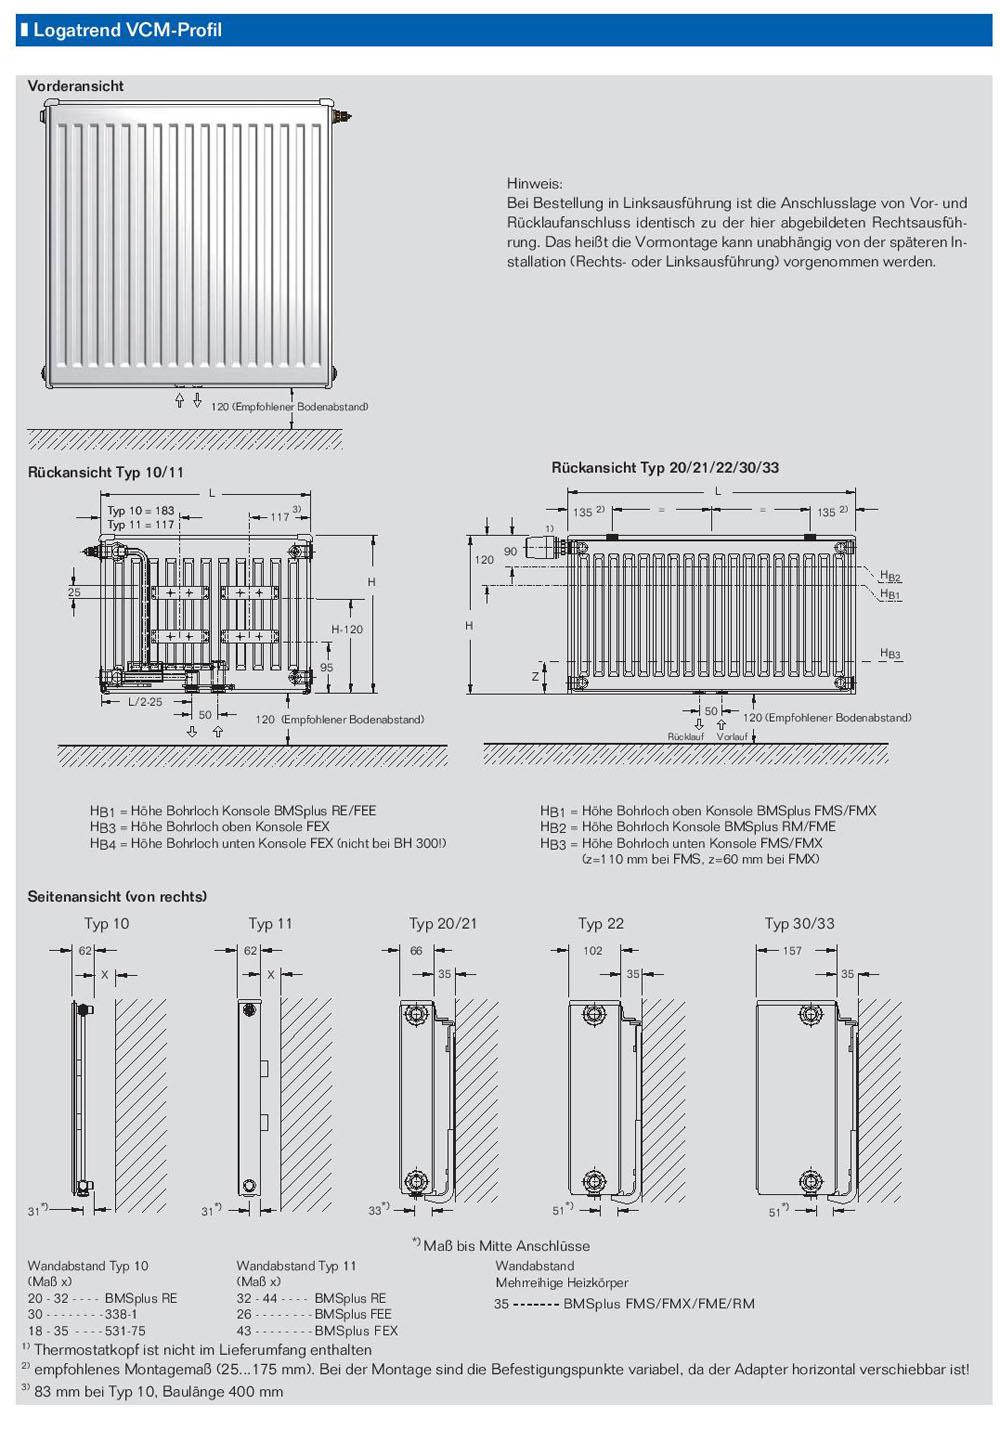 buderus ventil vcm profil heizk rper mittenanschluss bh 400 mm l nge 400 3000mm ebay. Black Bedroom Furniture Sets. Home Design Ideas